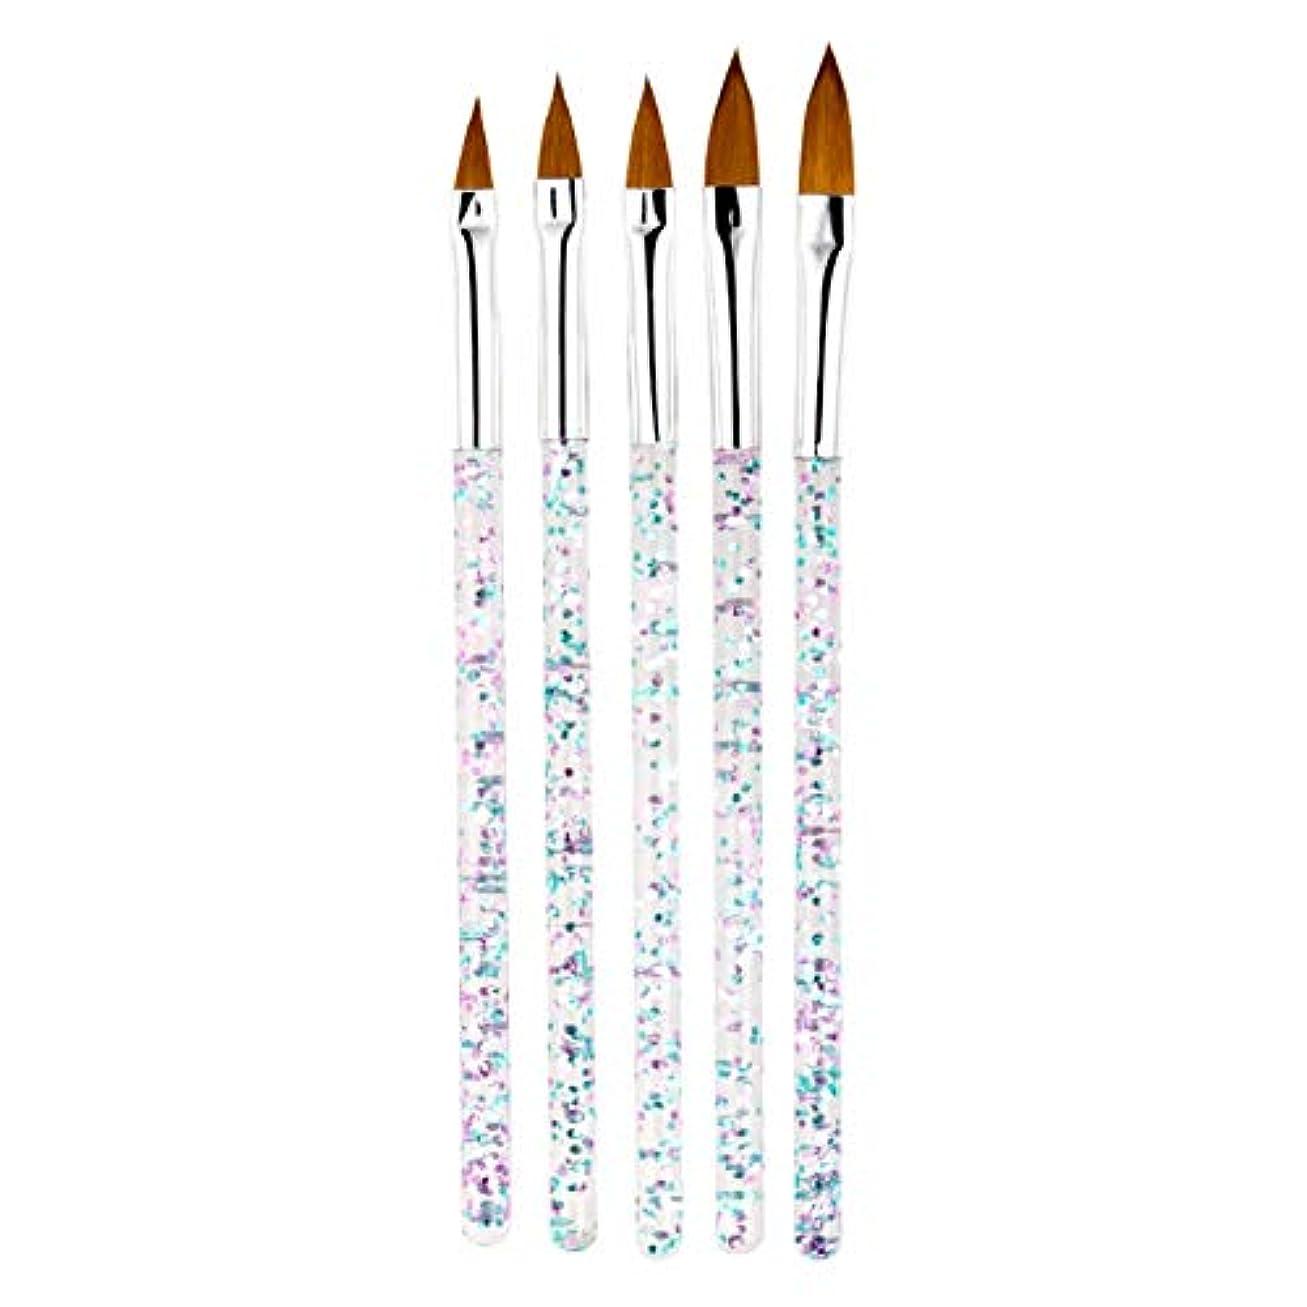 シエスタガイダンス本気MCCRUA ネイルブラシ 5本セット スカルプネイルブラシ 可愛い アクリルネイル UV ジェルネイル ネイルアート筆